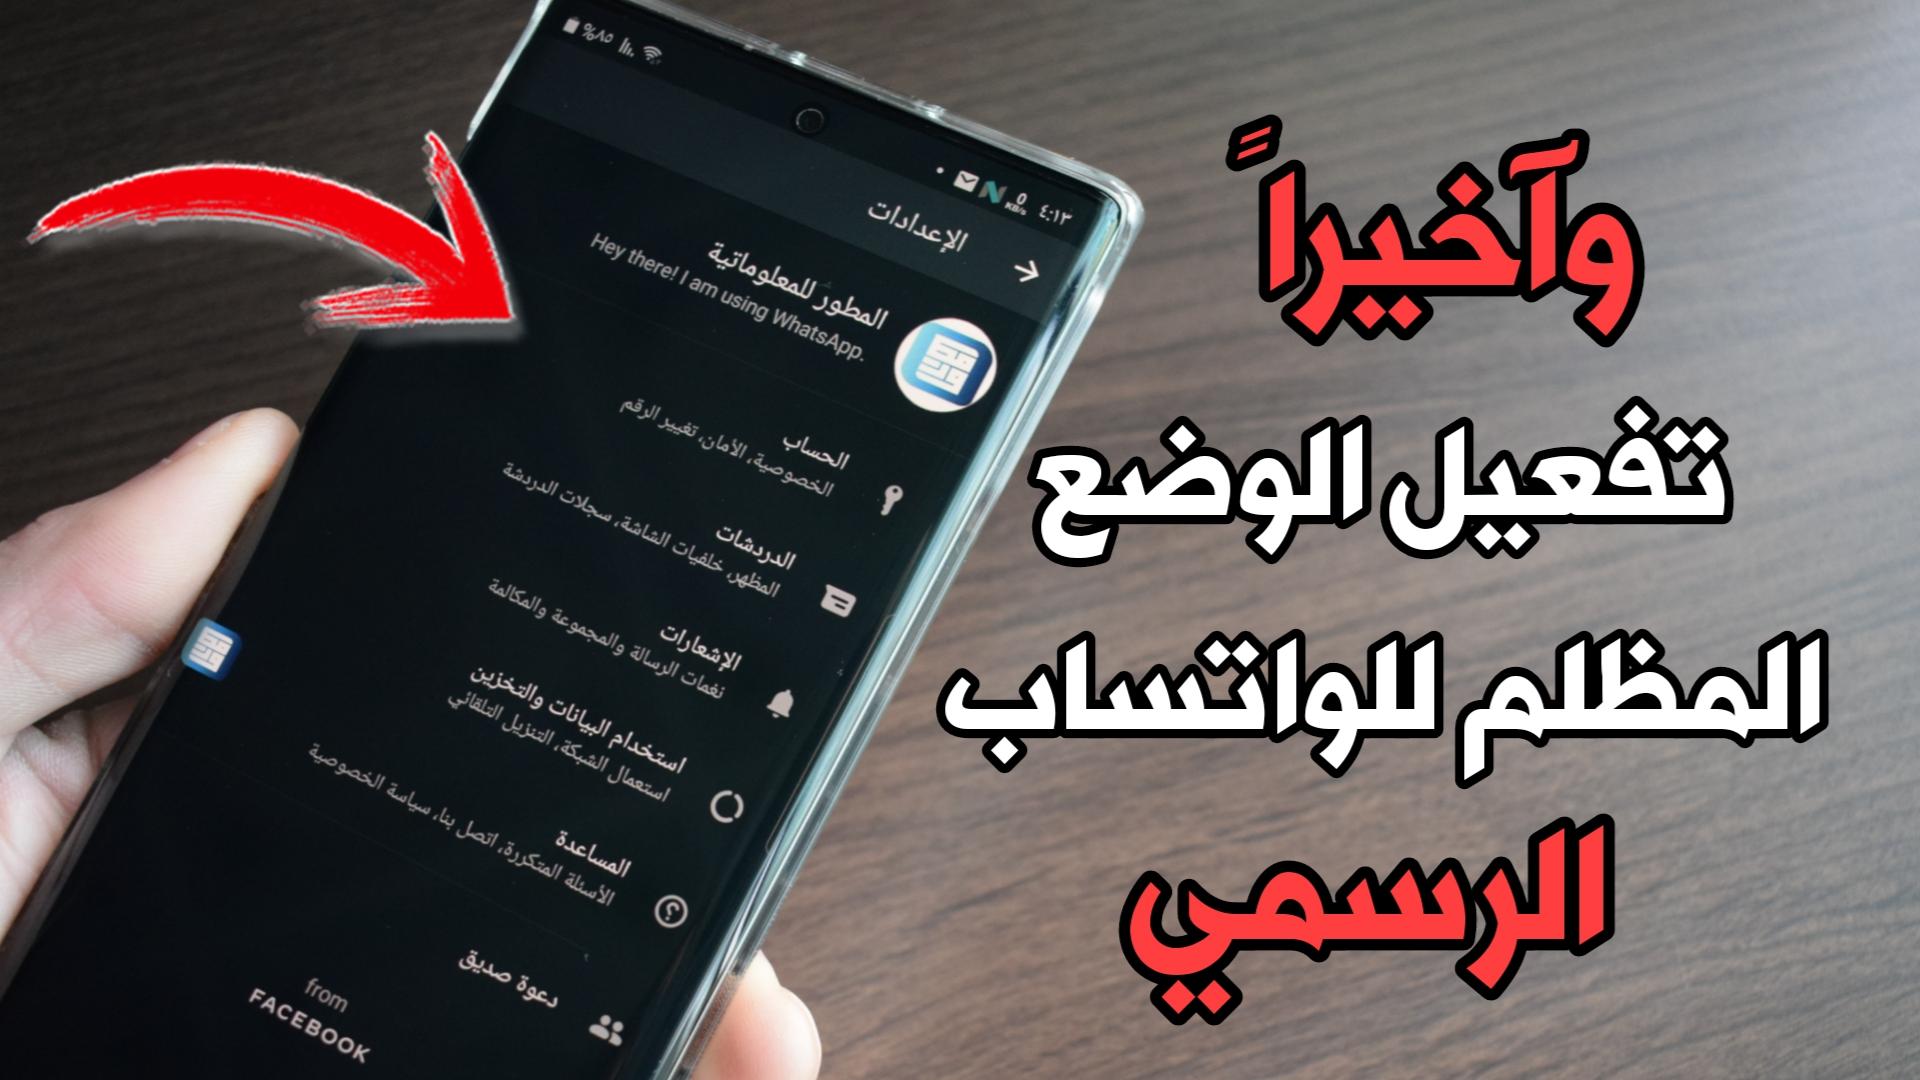 كيفية تفعيل الوضع الليلي WhatsApp الرسمي!!! تحديث الواتساب آخر أصدار 2020